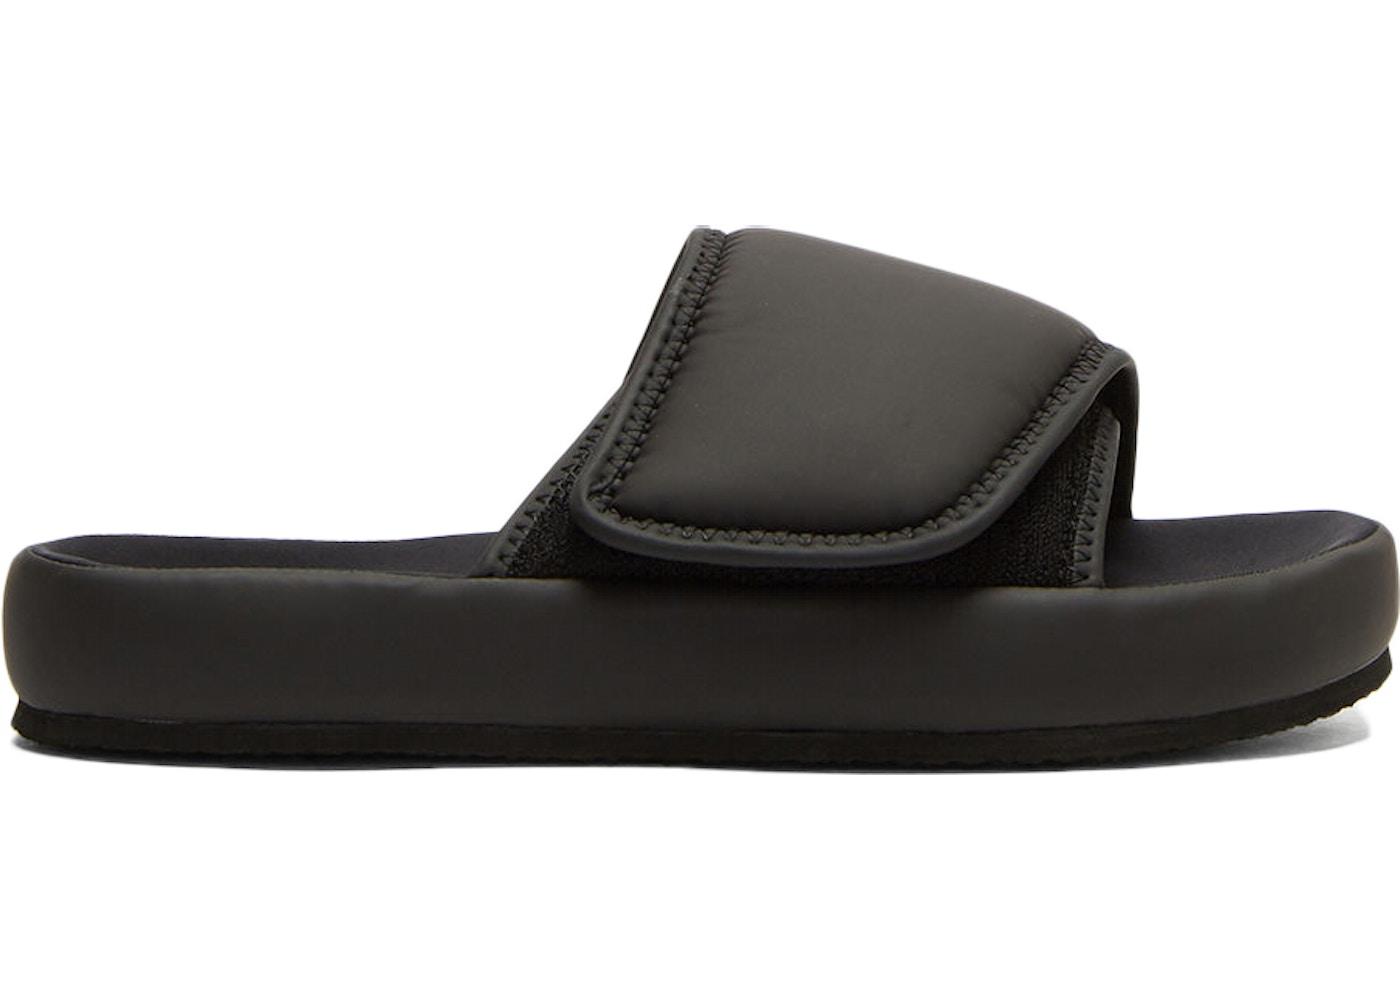 Men's Yeezy Supply Neoprene Slipper Black